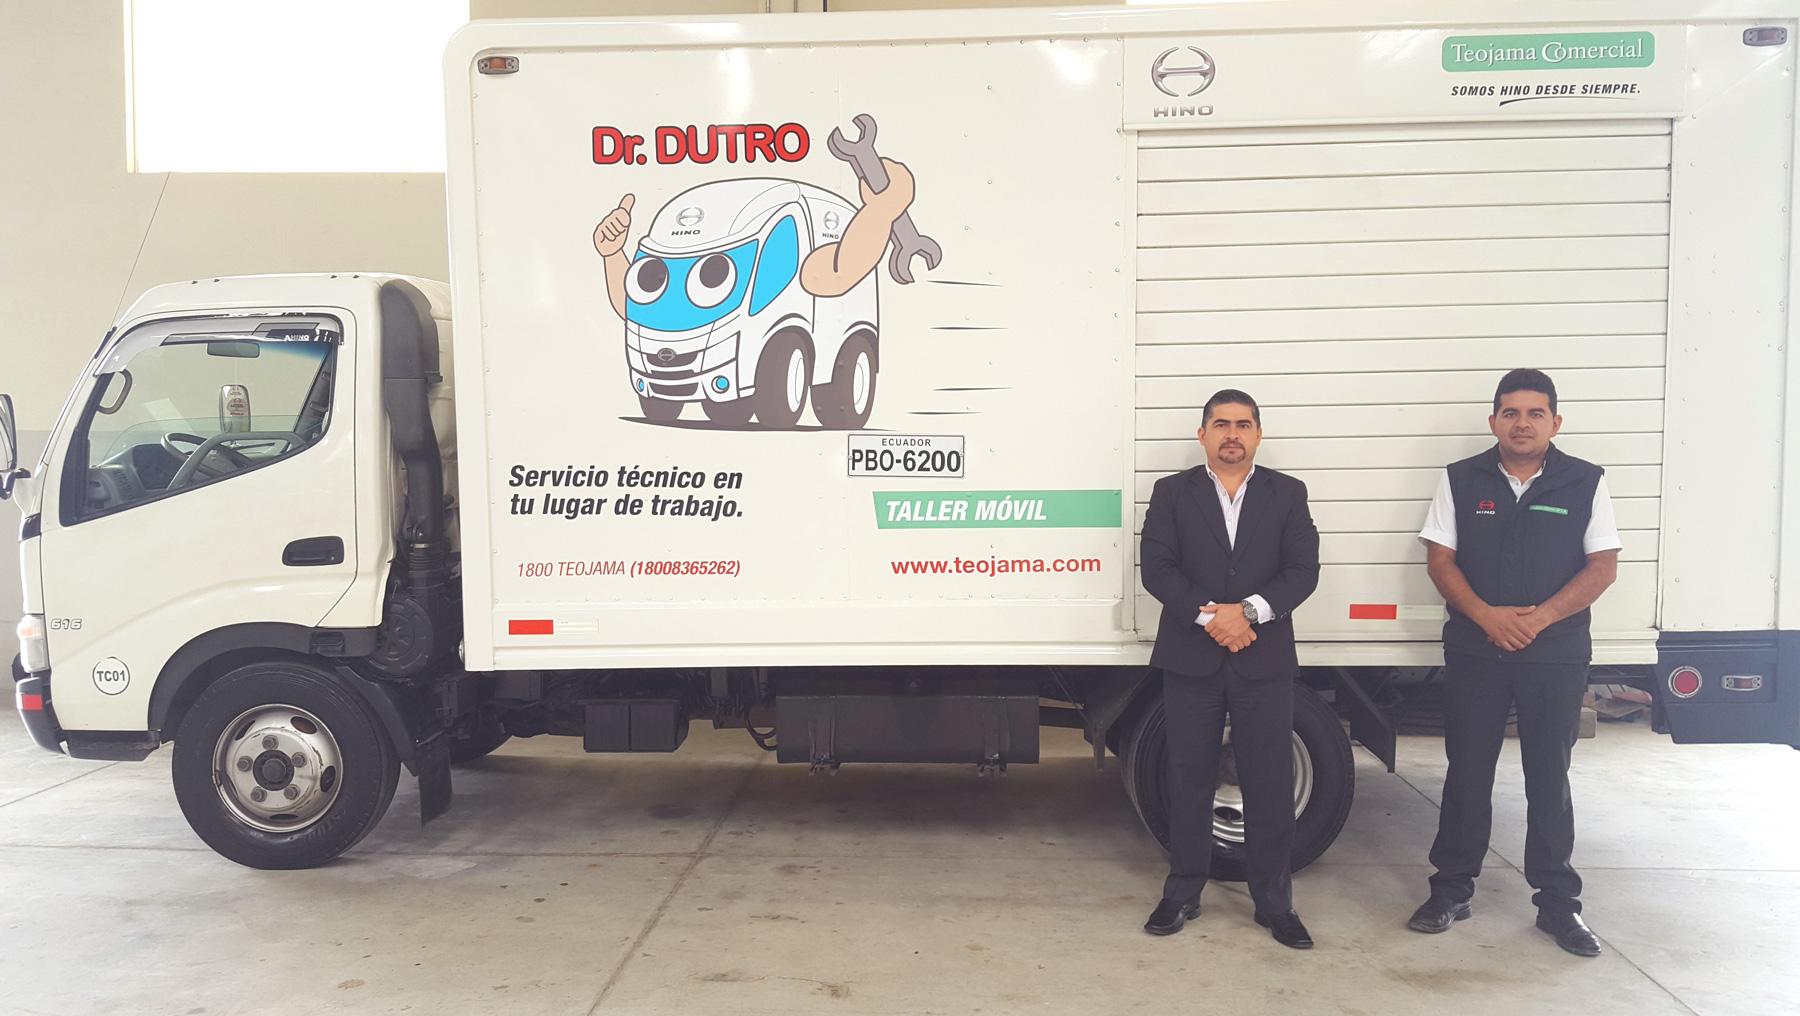 """TEOJAMA COMERCIAL CONSOLIDA SU SERVICIO DE TALLERES MÓVILES """"DR. DUTRO"""""""